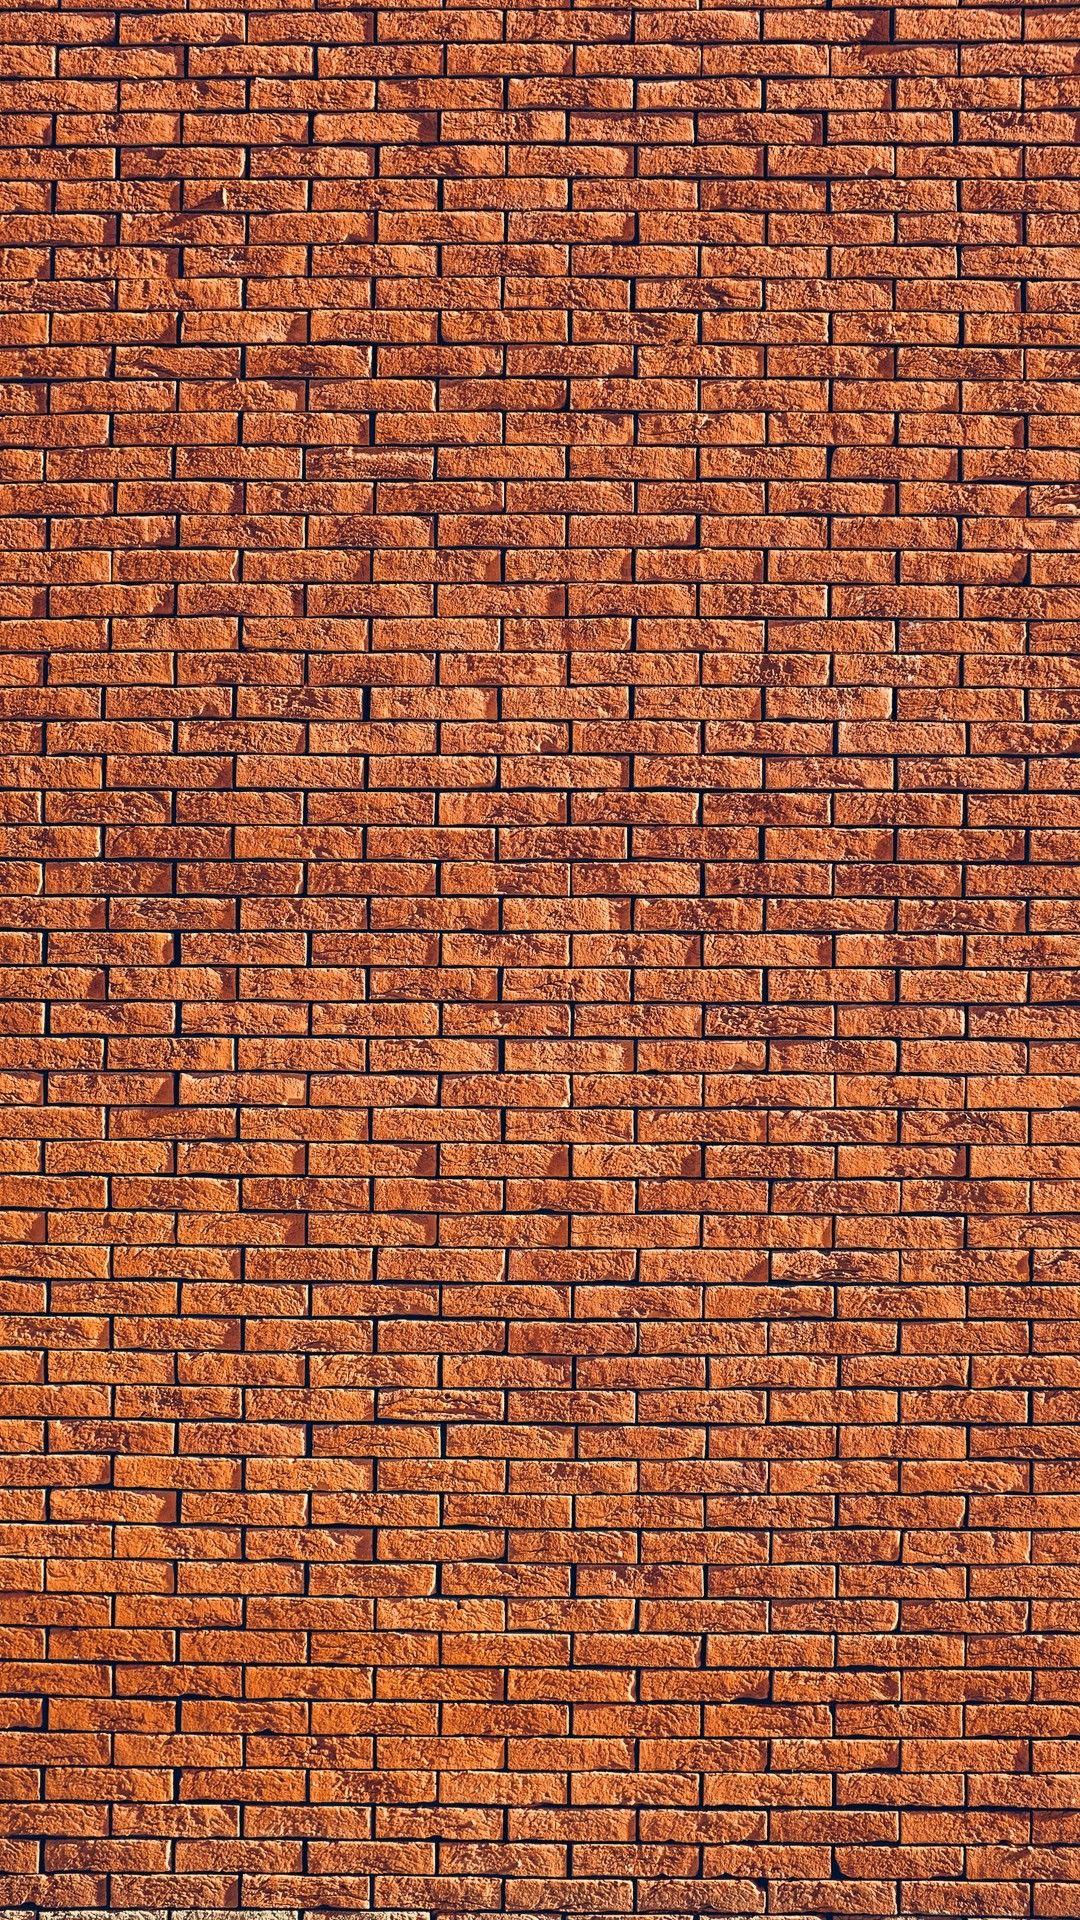 Brick Wall Bricks And Walls Red Brick Walls Brick Images Brick